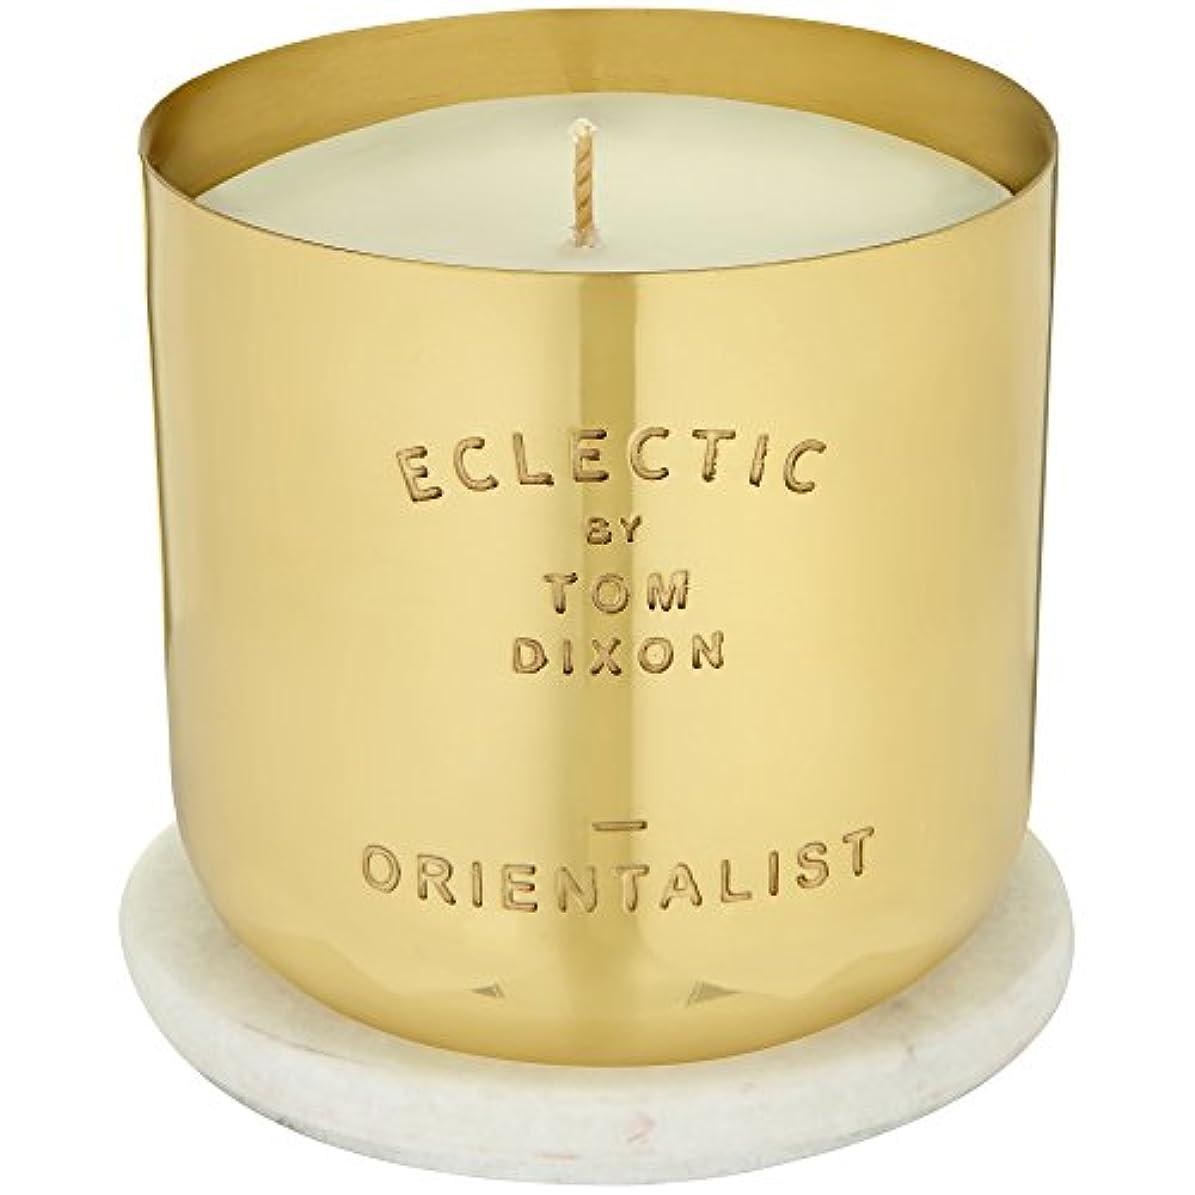 従順取り壊すまもなくトム?ディクソン東洋香りのキャンドル x6 - Tom Dixon Orientalist Scented Candle (Pack of 6) [並行輸入品]